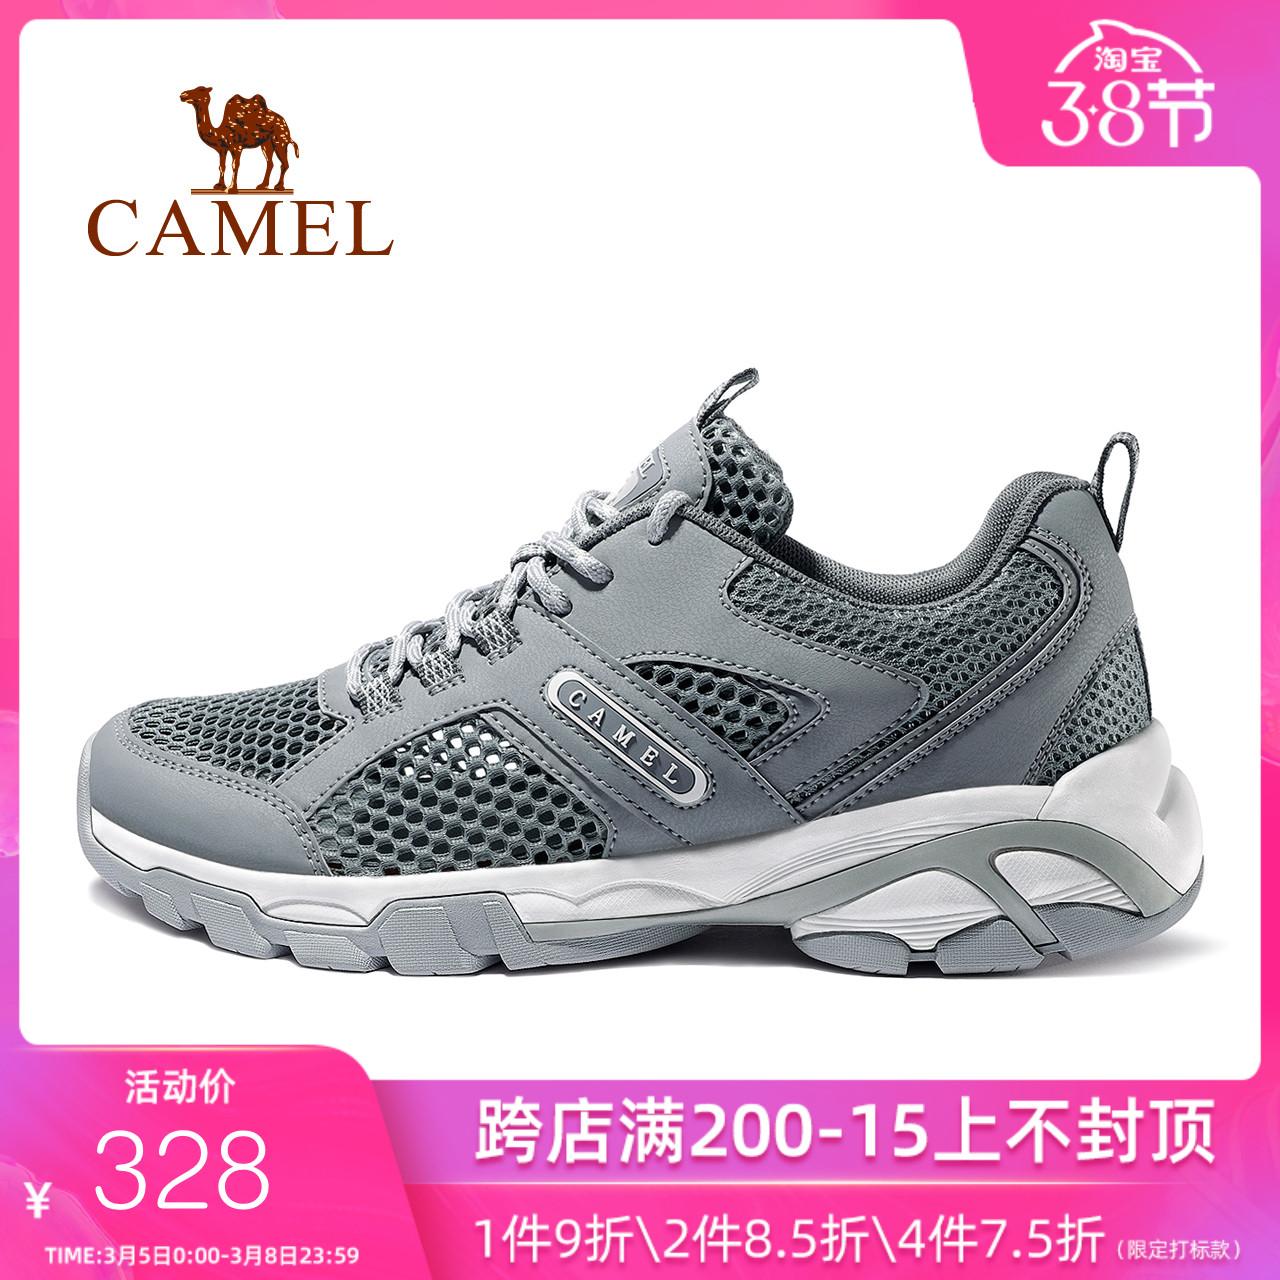 骆驼户外徒步鞋男透气网面鞋耐磨防滑减震登山鞋男鞋潮款